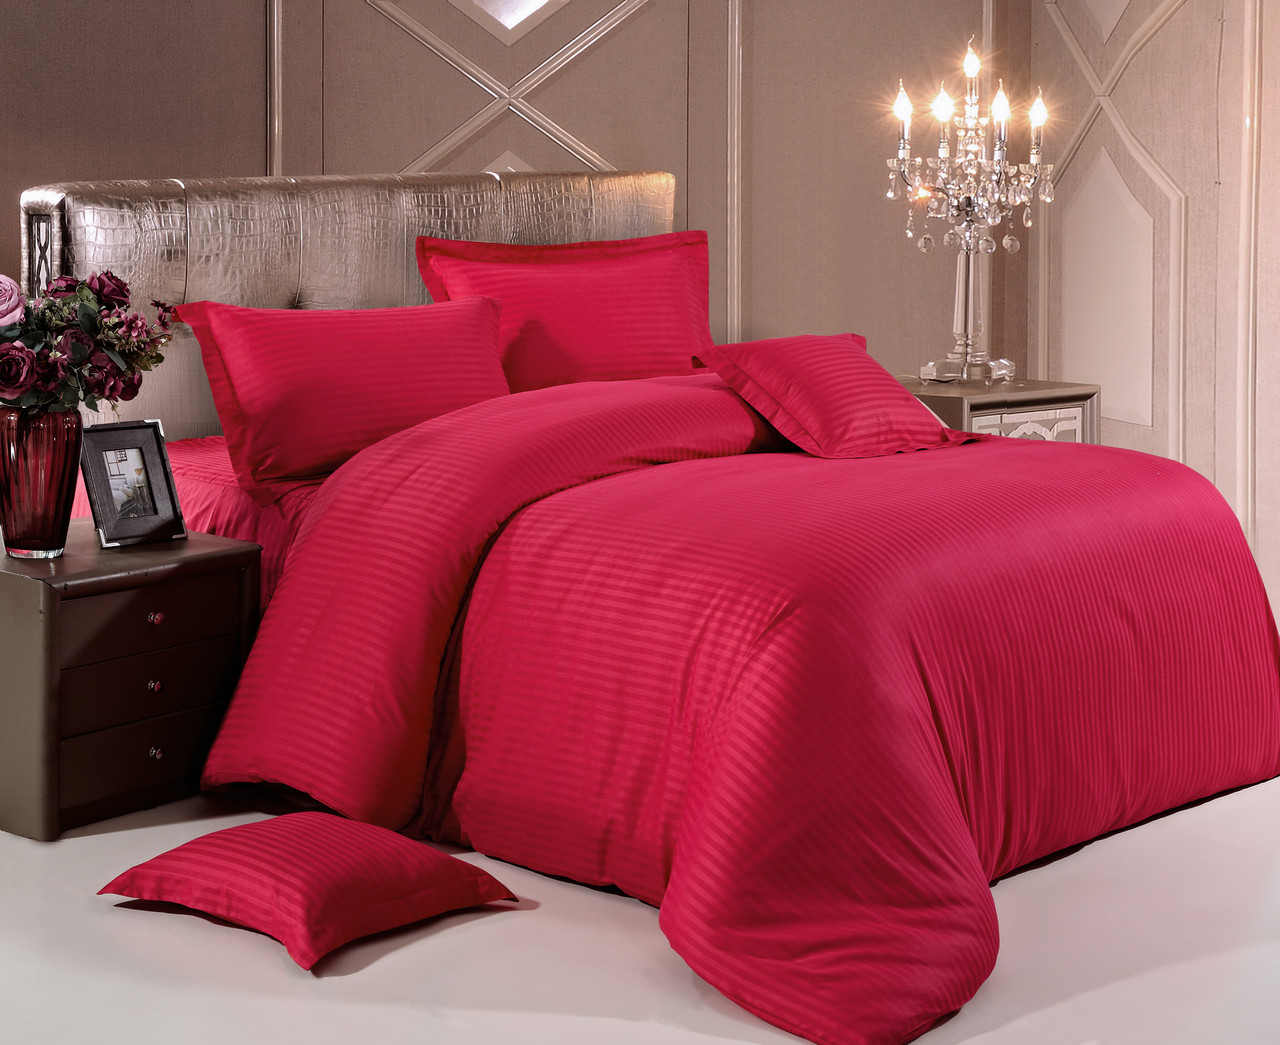 Комплект постельного белья Евро Love You Страйп-сатин 200Х220 красный